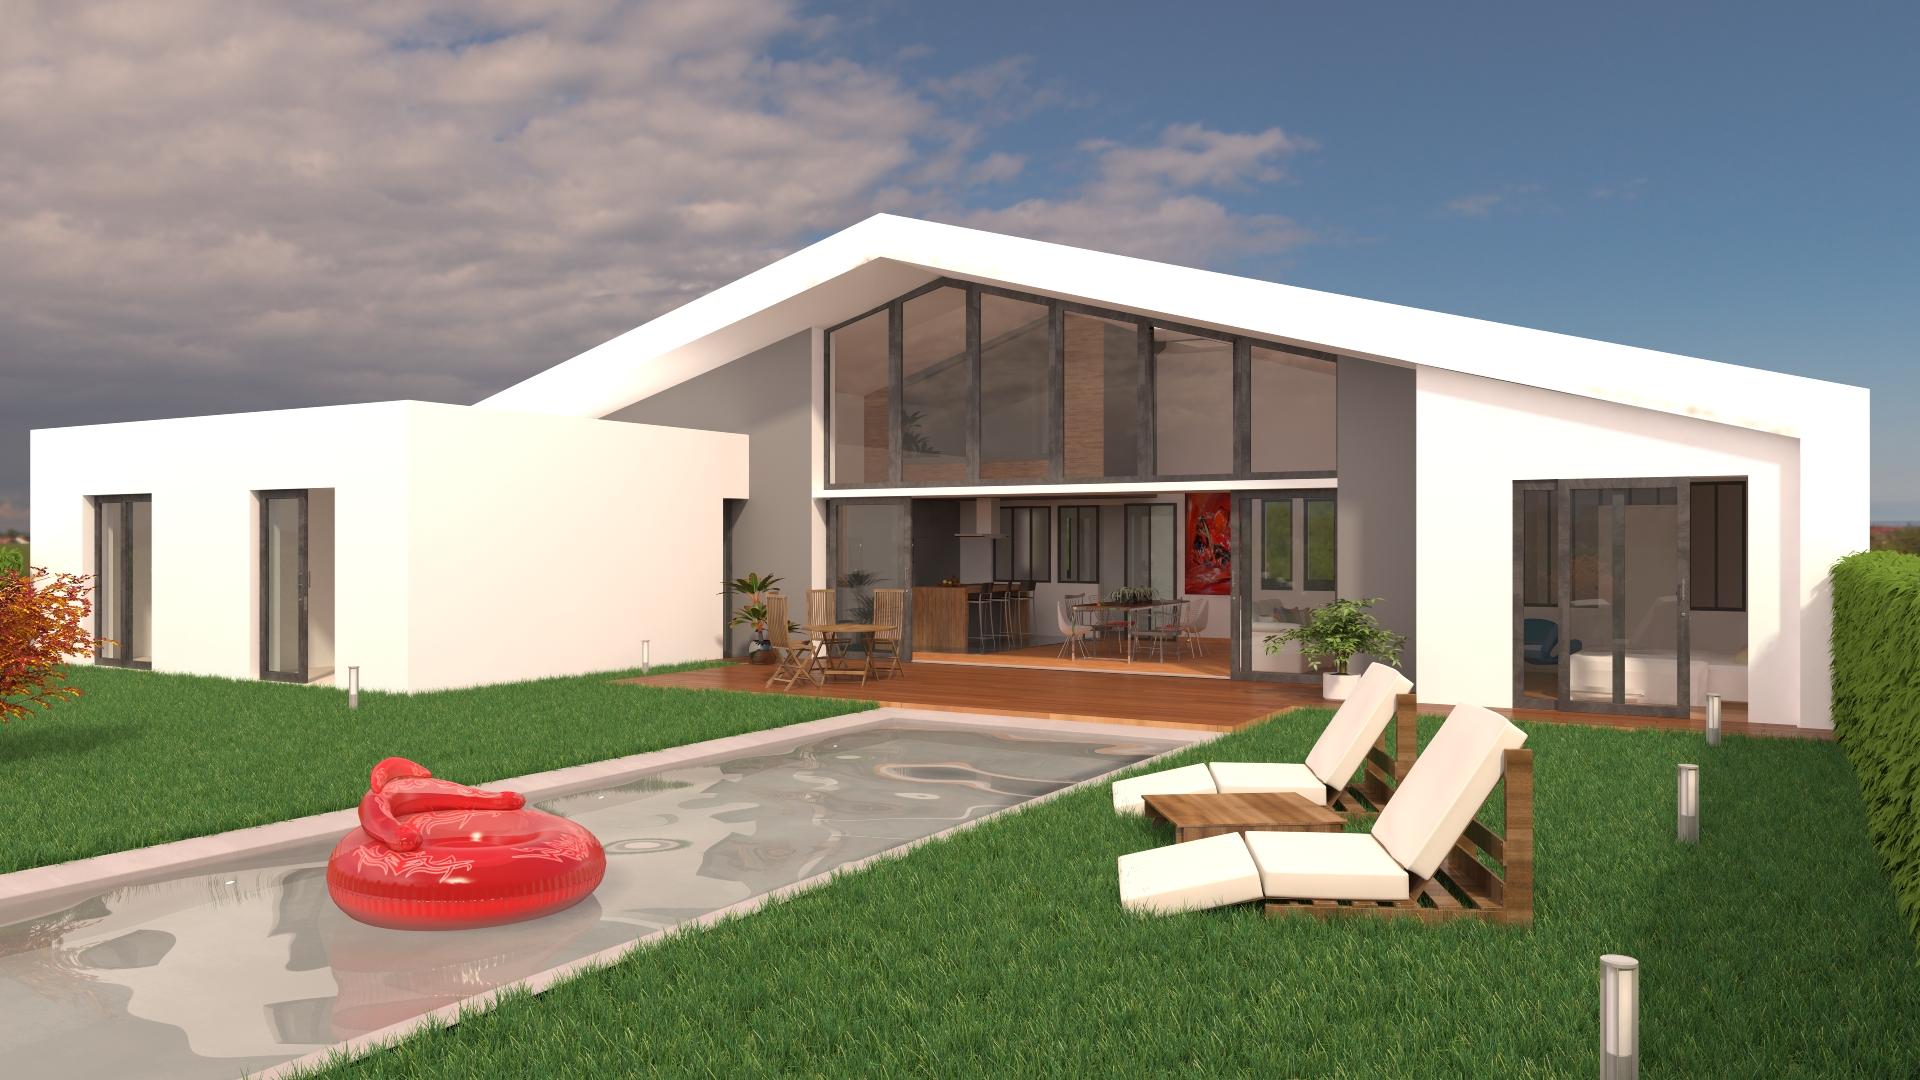 Maison architecte constructeur for Constructeur maison architecte